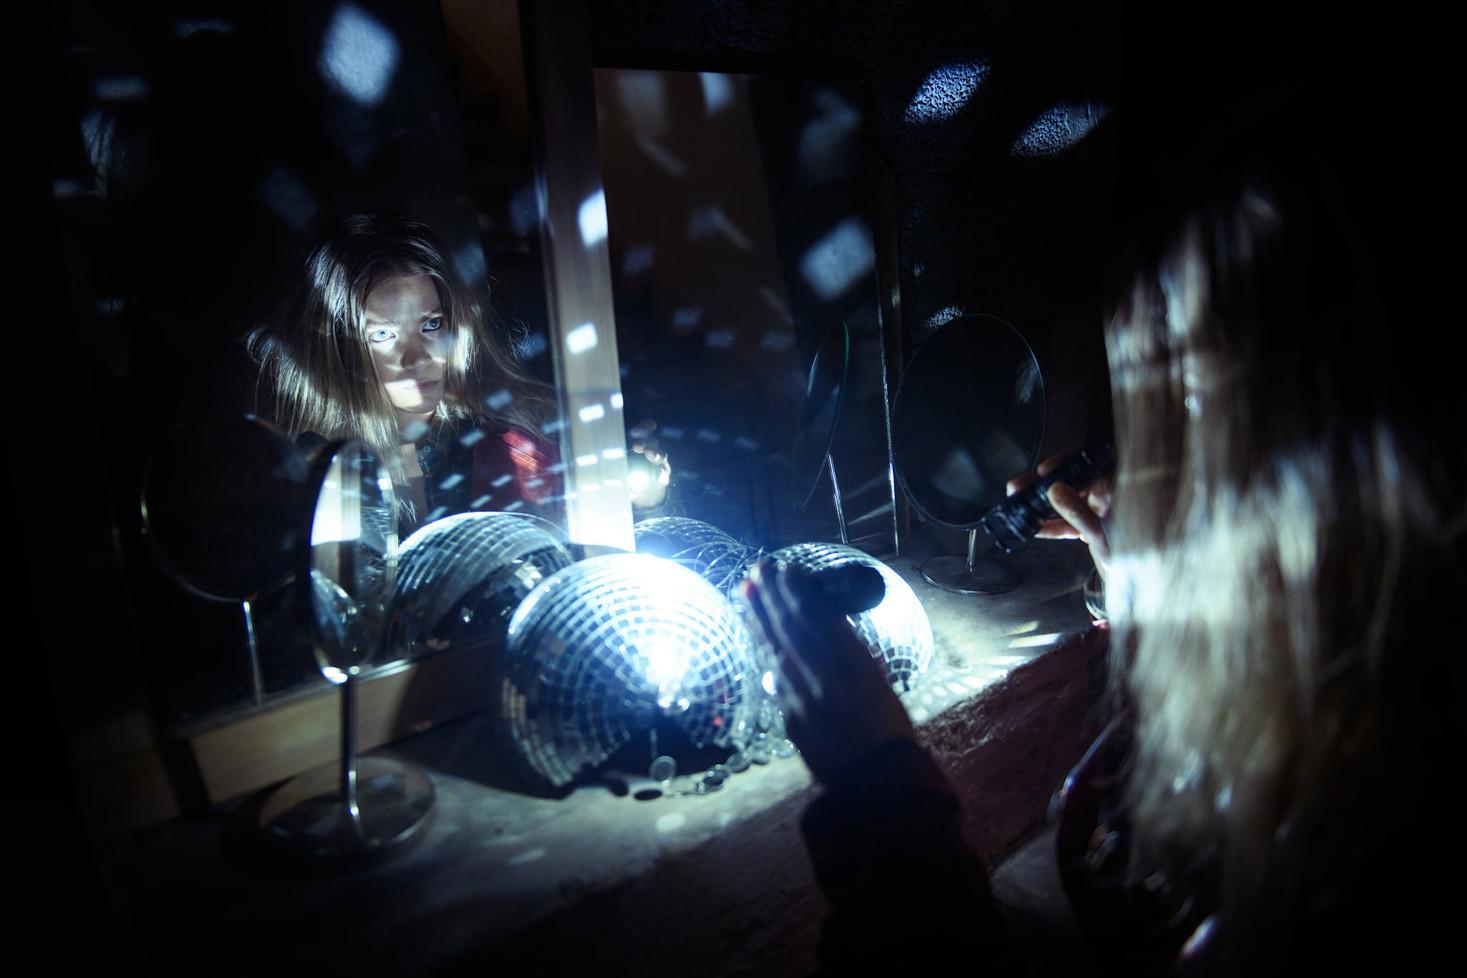 Luna_seconda_sydhavn_teater_web_02.jpg